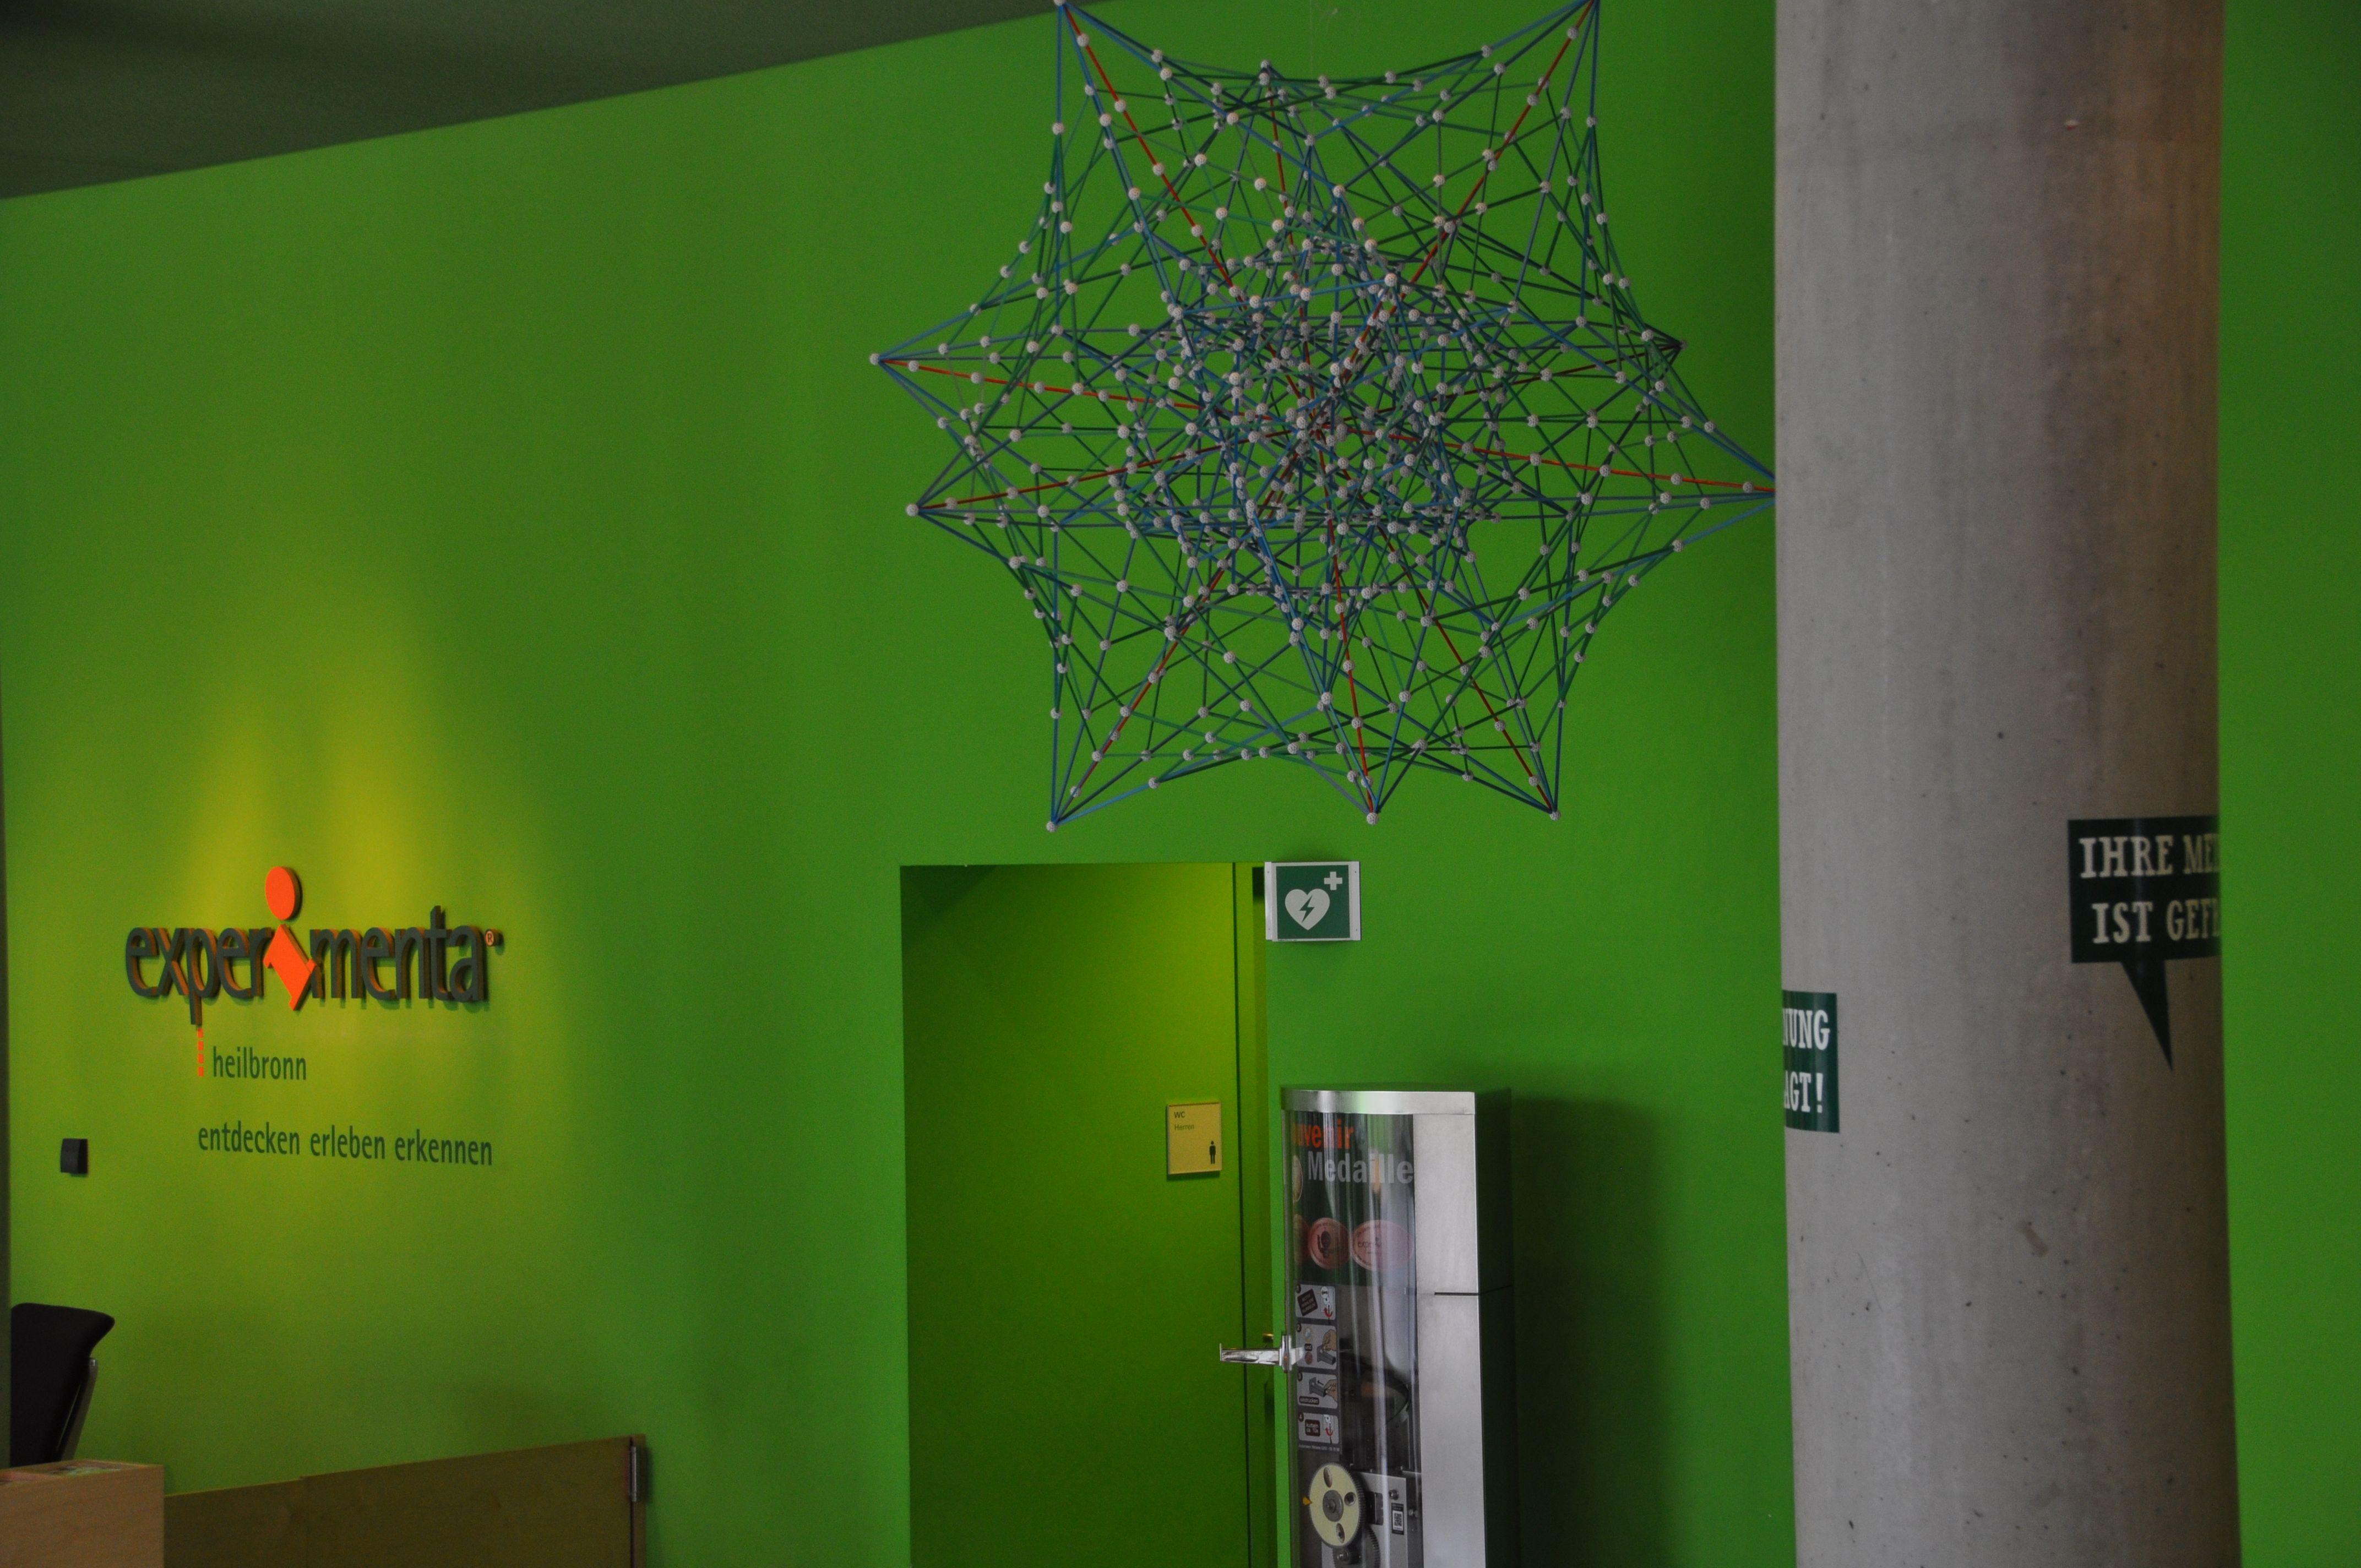 Experimenta Heilbronn Eingangshalle grüne Wände Atommodell Schriftzug Experimenta